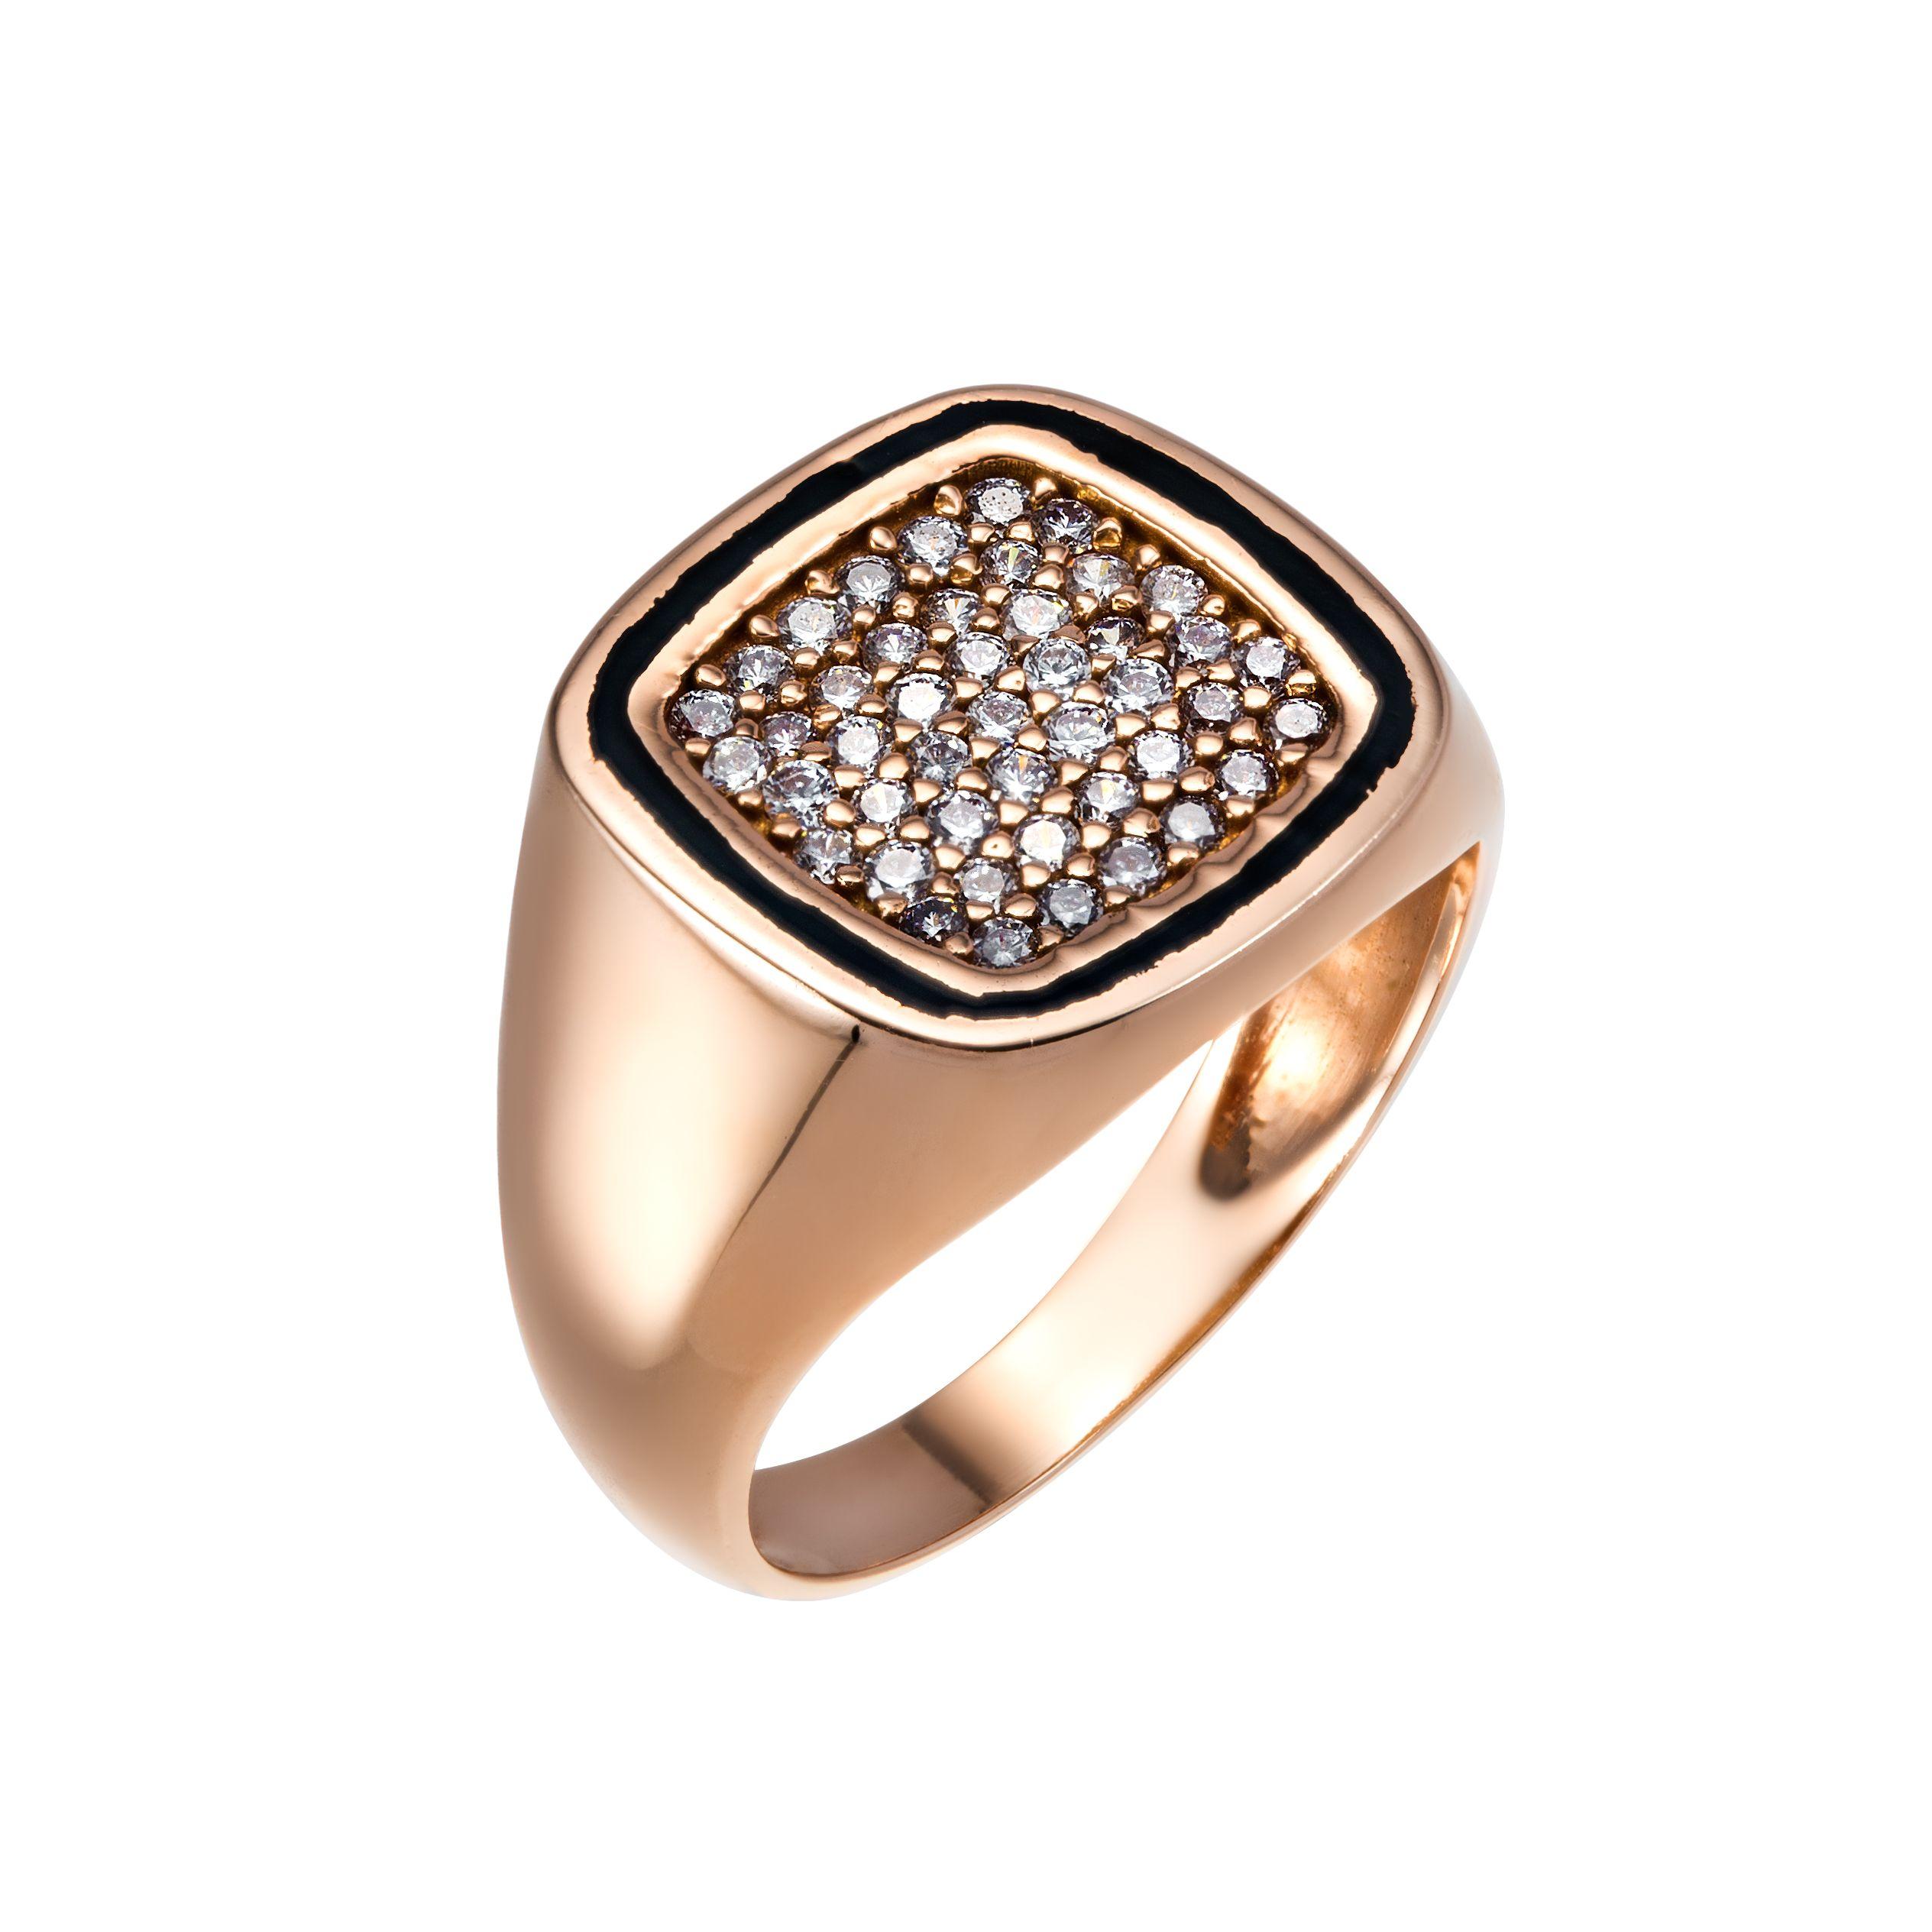 δαχτυλίδι σεβαλιέ ροζ - Seferos 17020dcb950